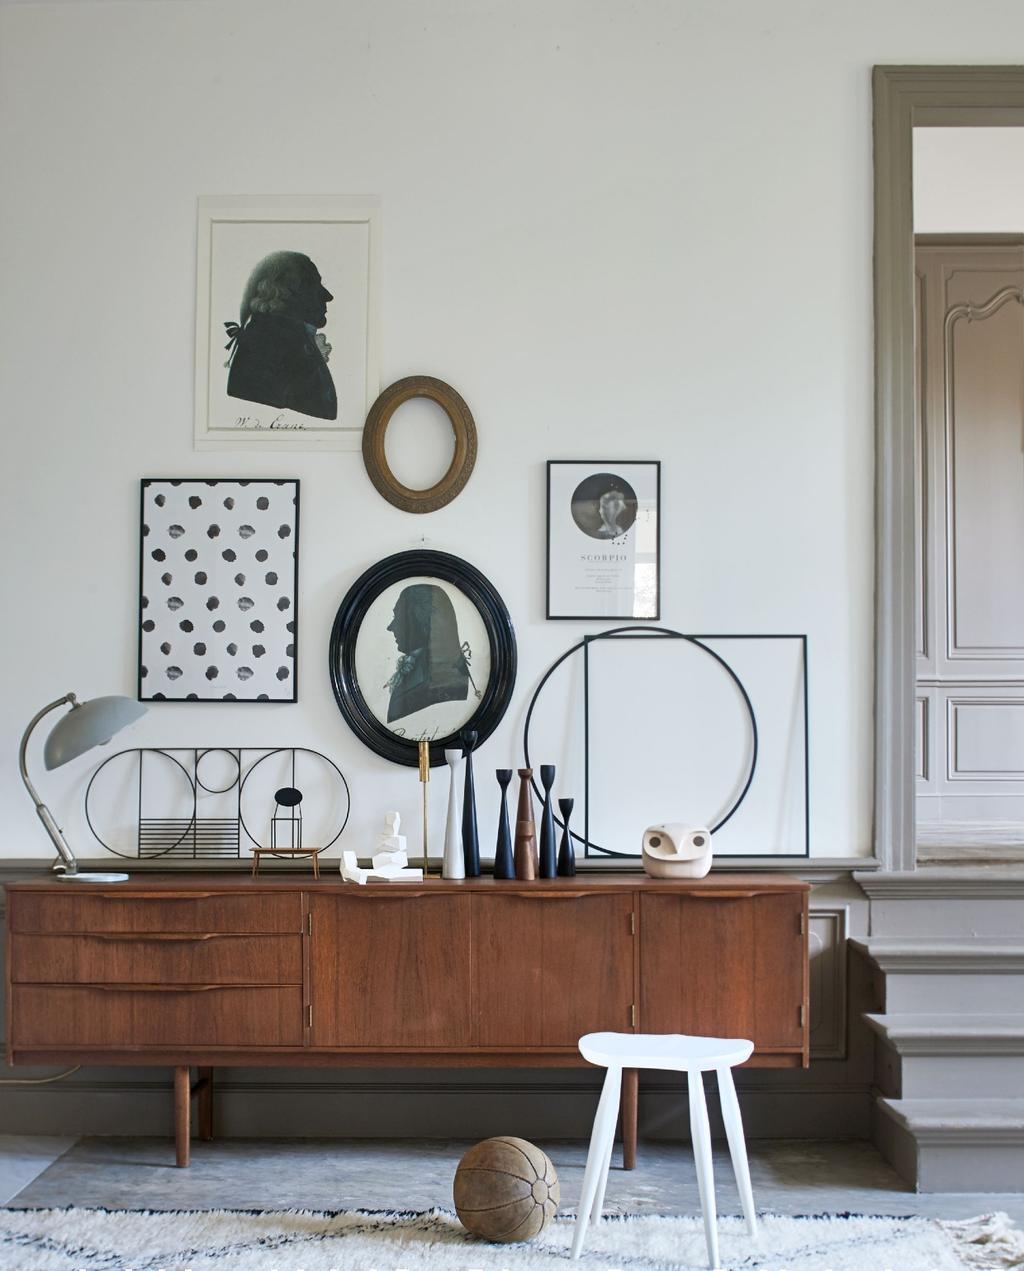 Mixen van stijlen: vintage dressoir met klassiek en kunst